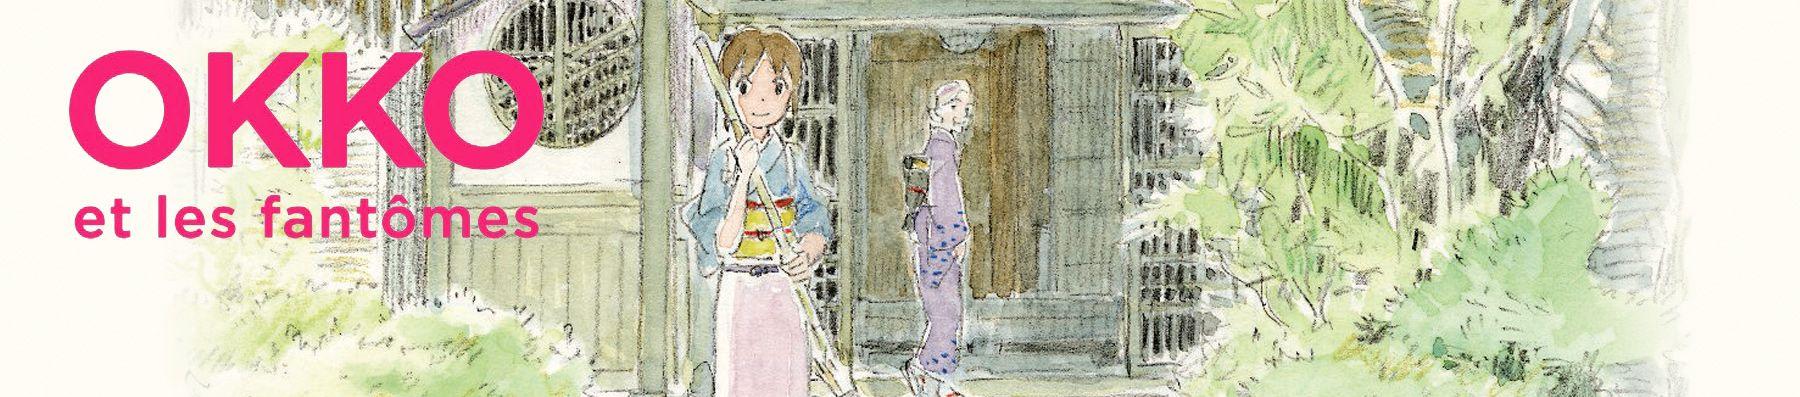 Dossier manga - Okko et les fantômes